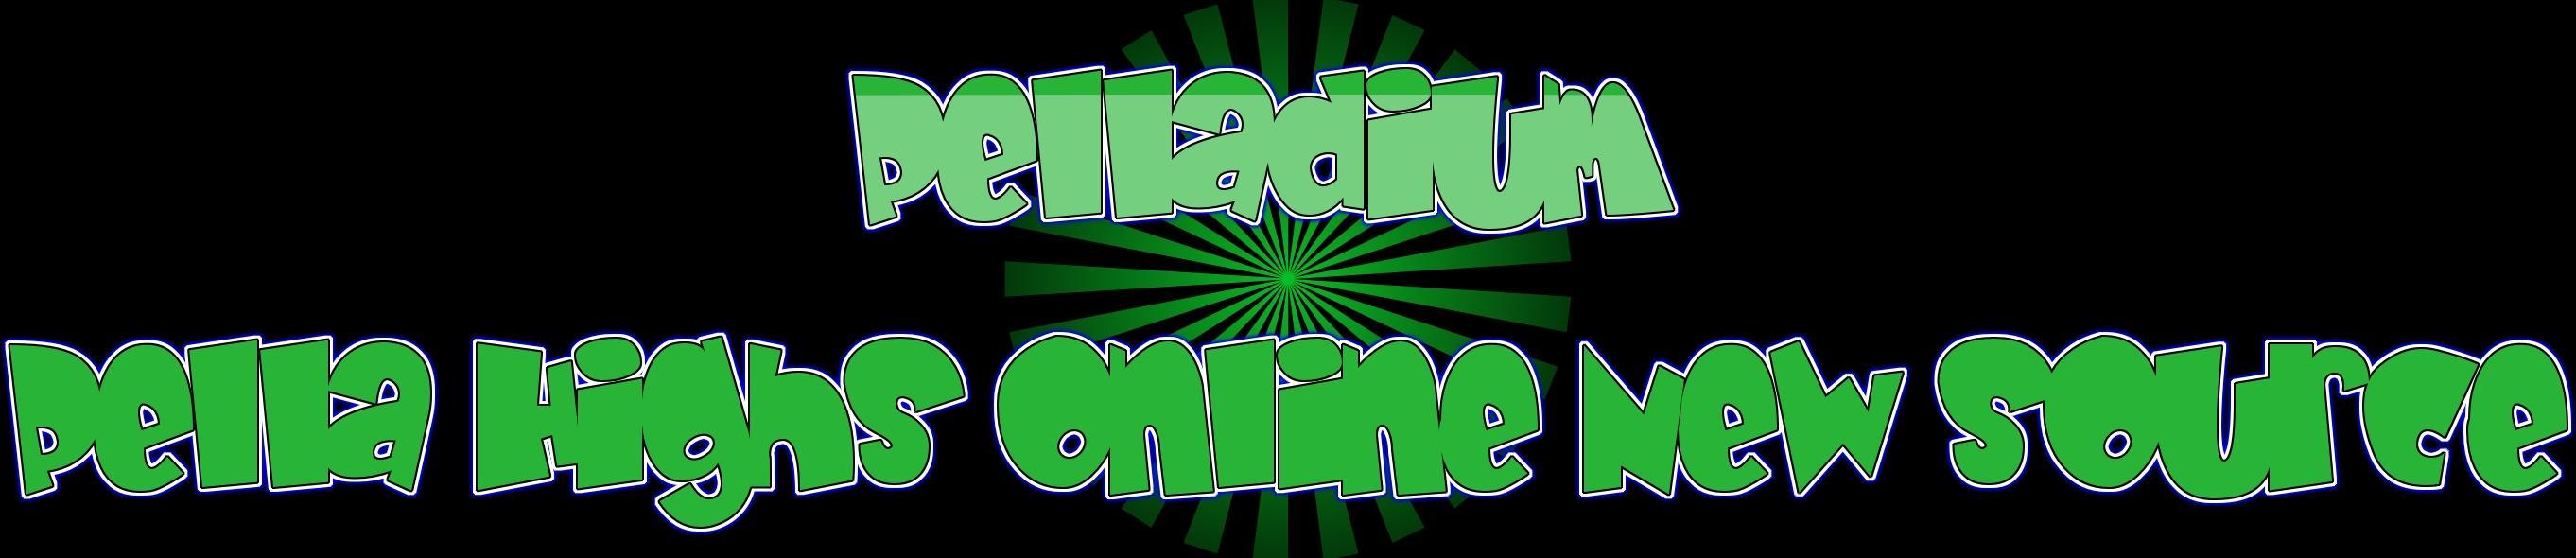 Pelladium logo